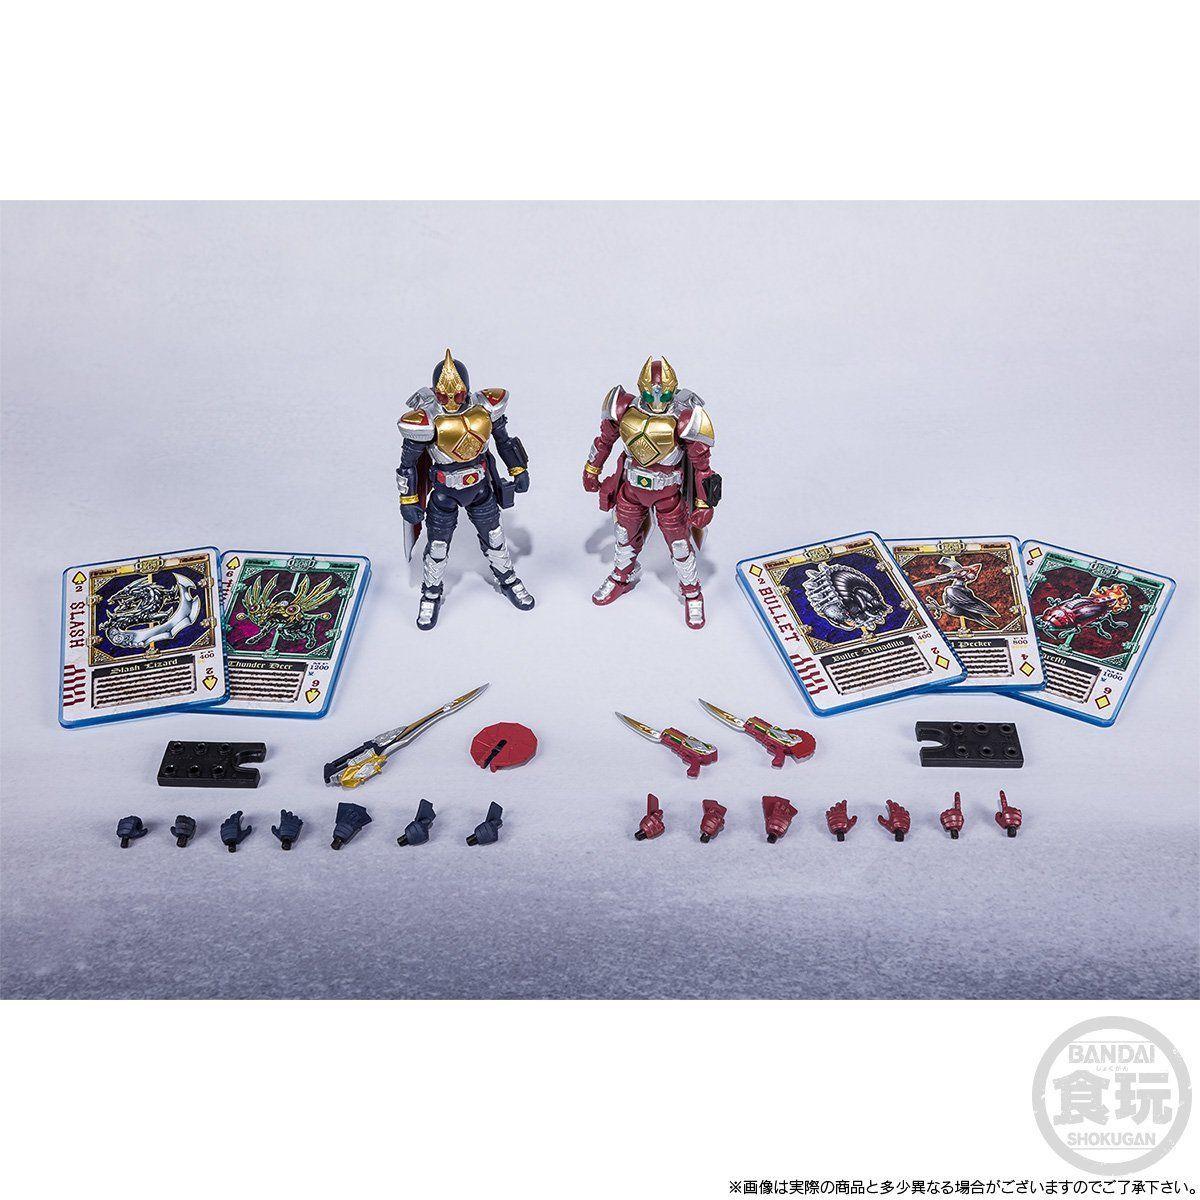 【限定販売】【食玩】SHODO-X『仮面ライダー剣 ジャックフォームセット』可動フィギュア-010